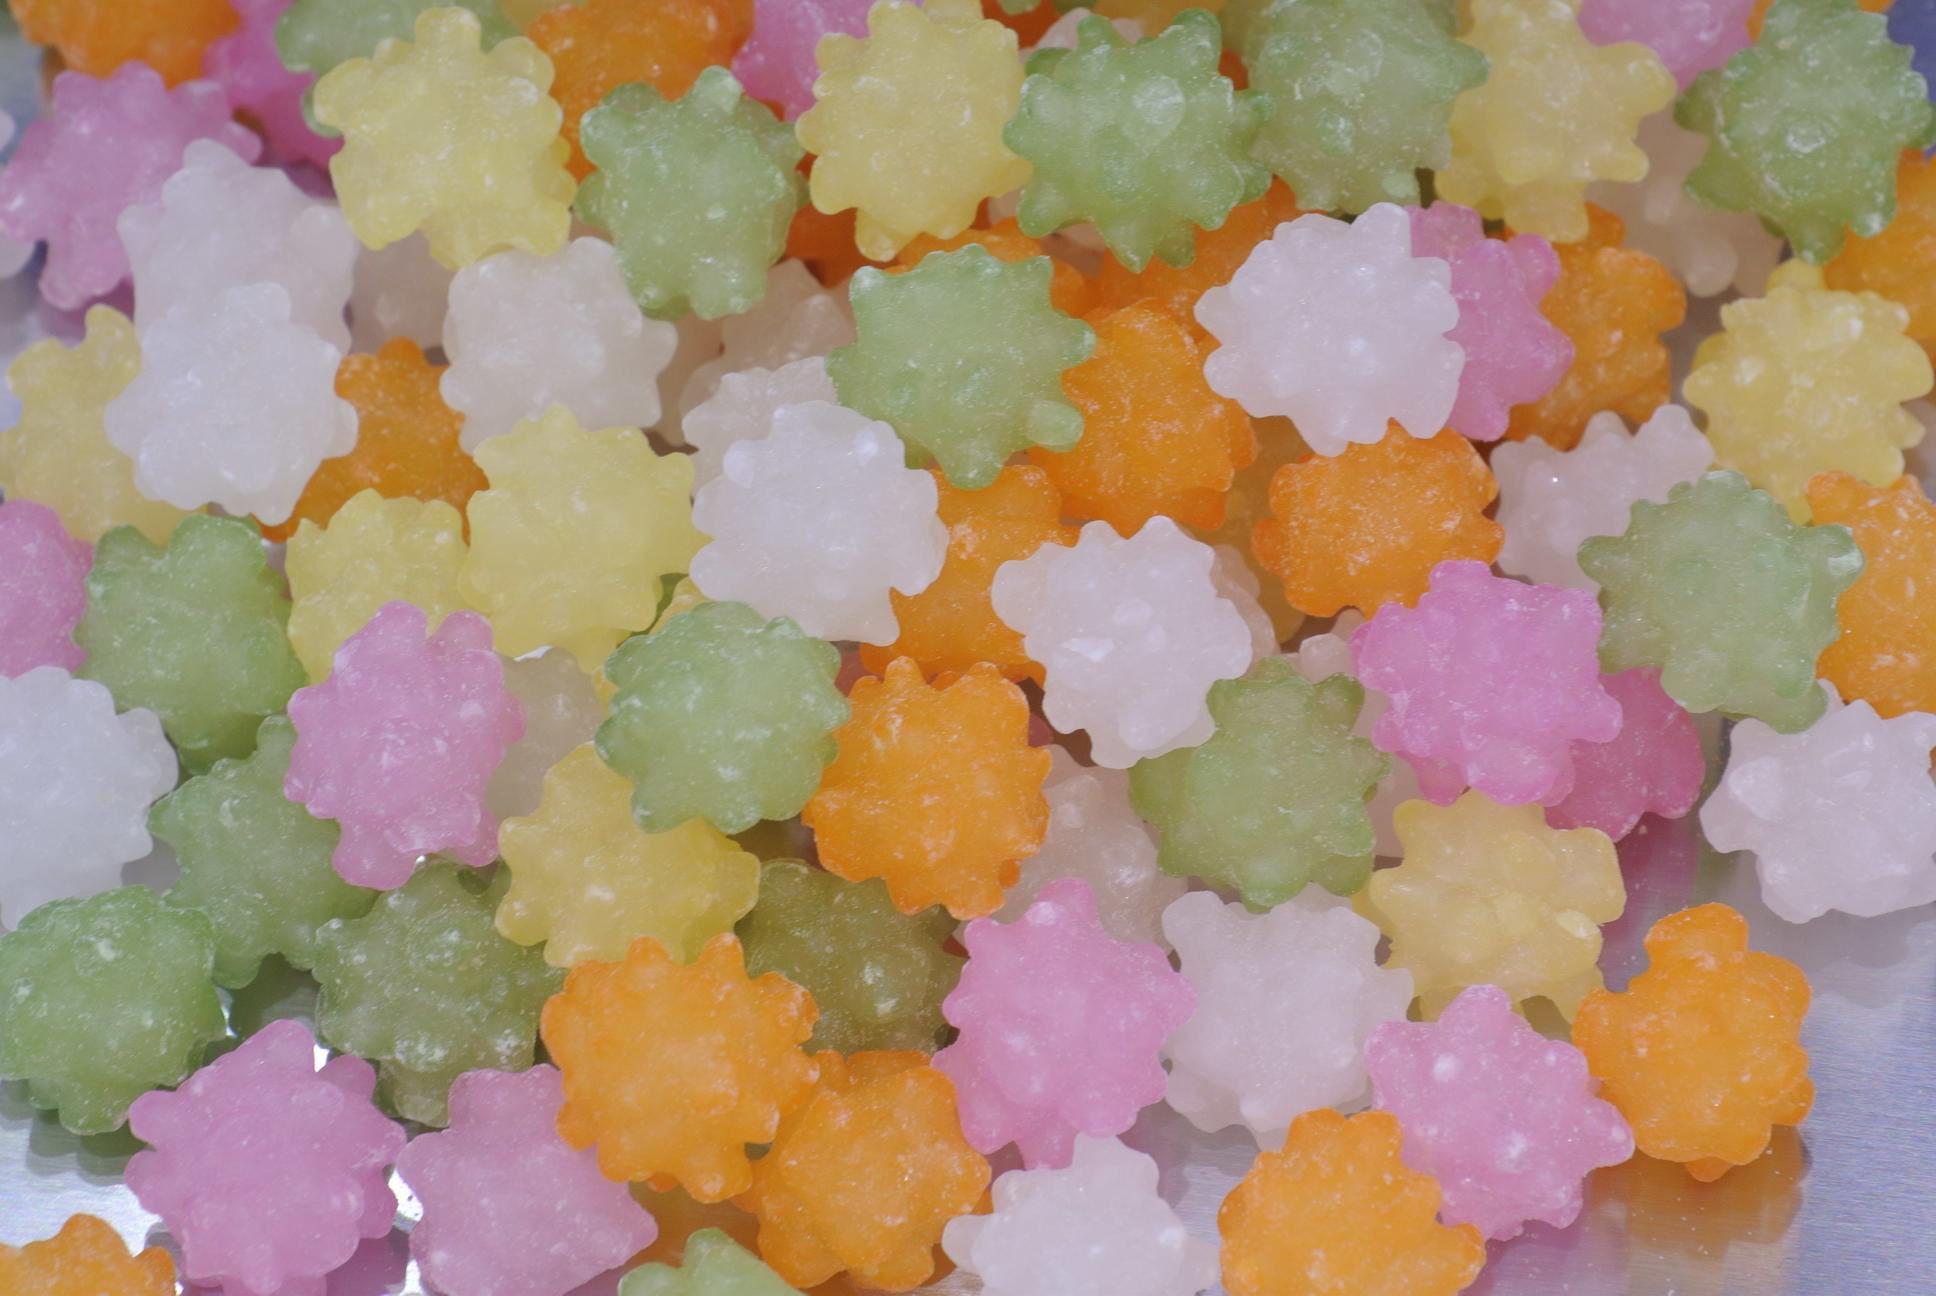 金平糖(1kg)白主体の赤、黄、緑、橙の5色ミックス金平糖♪